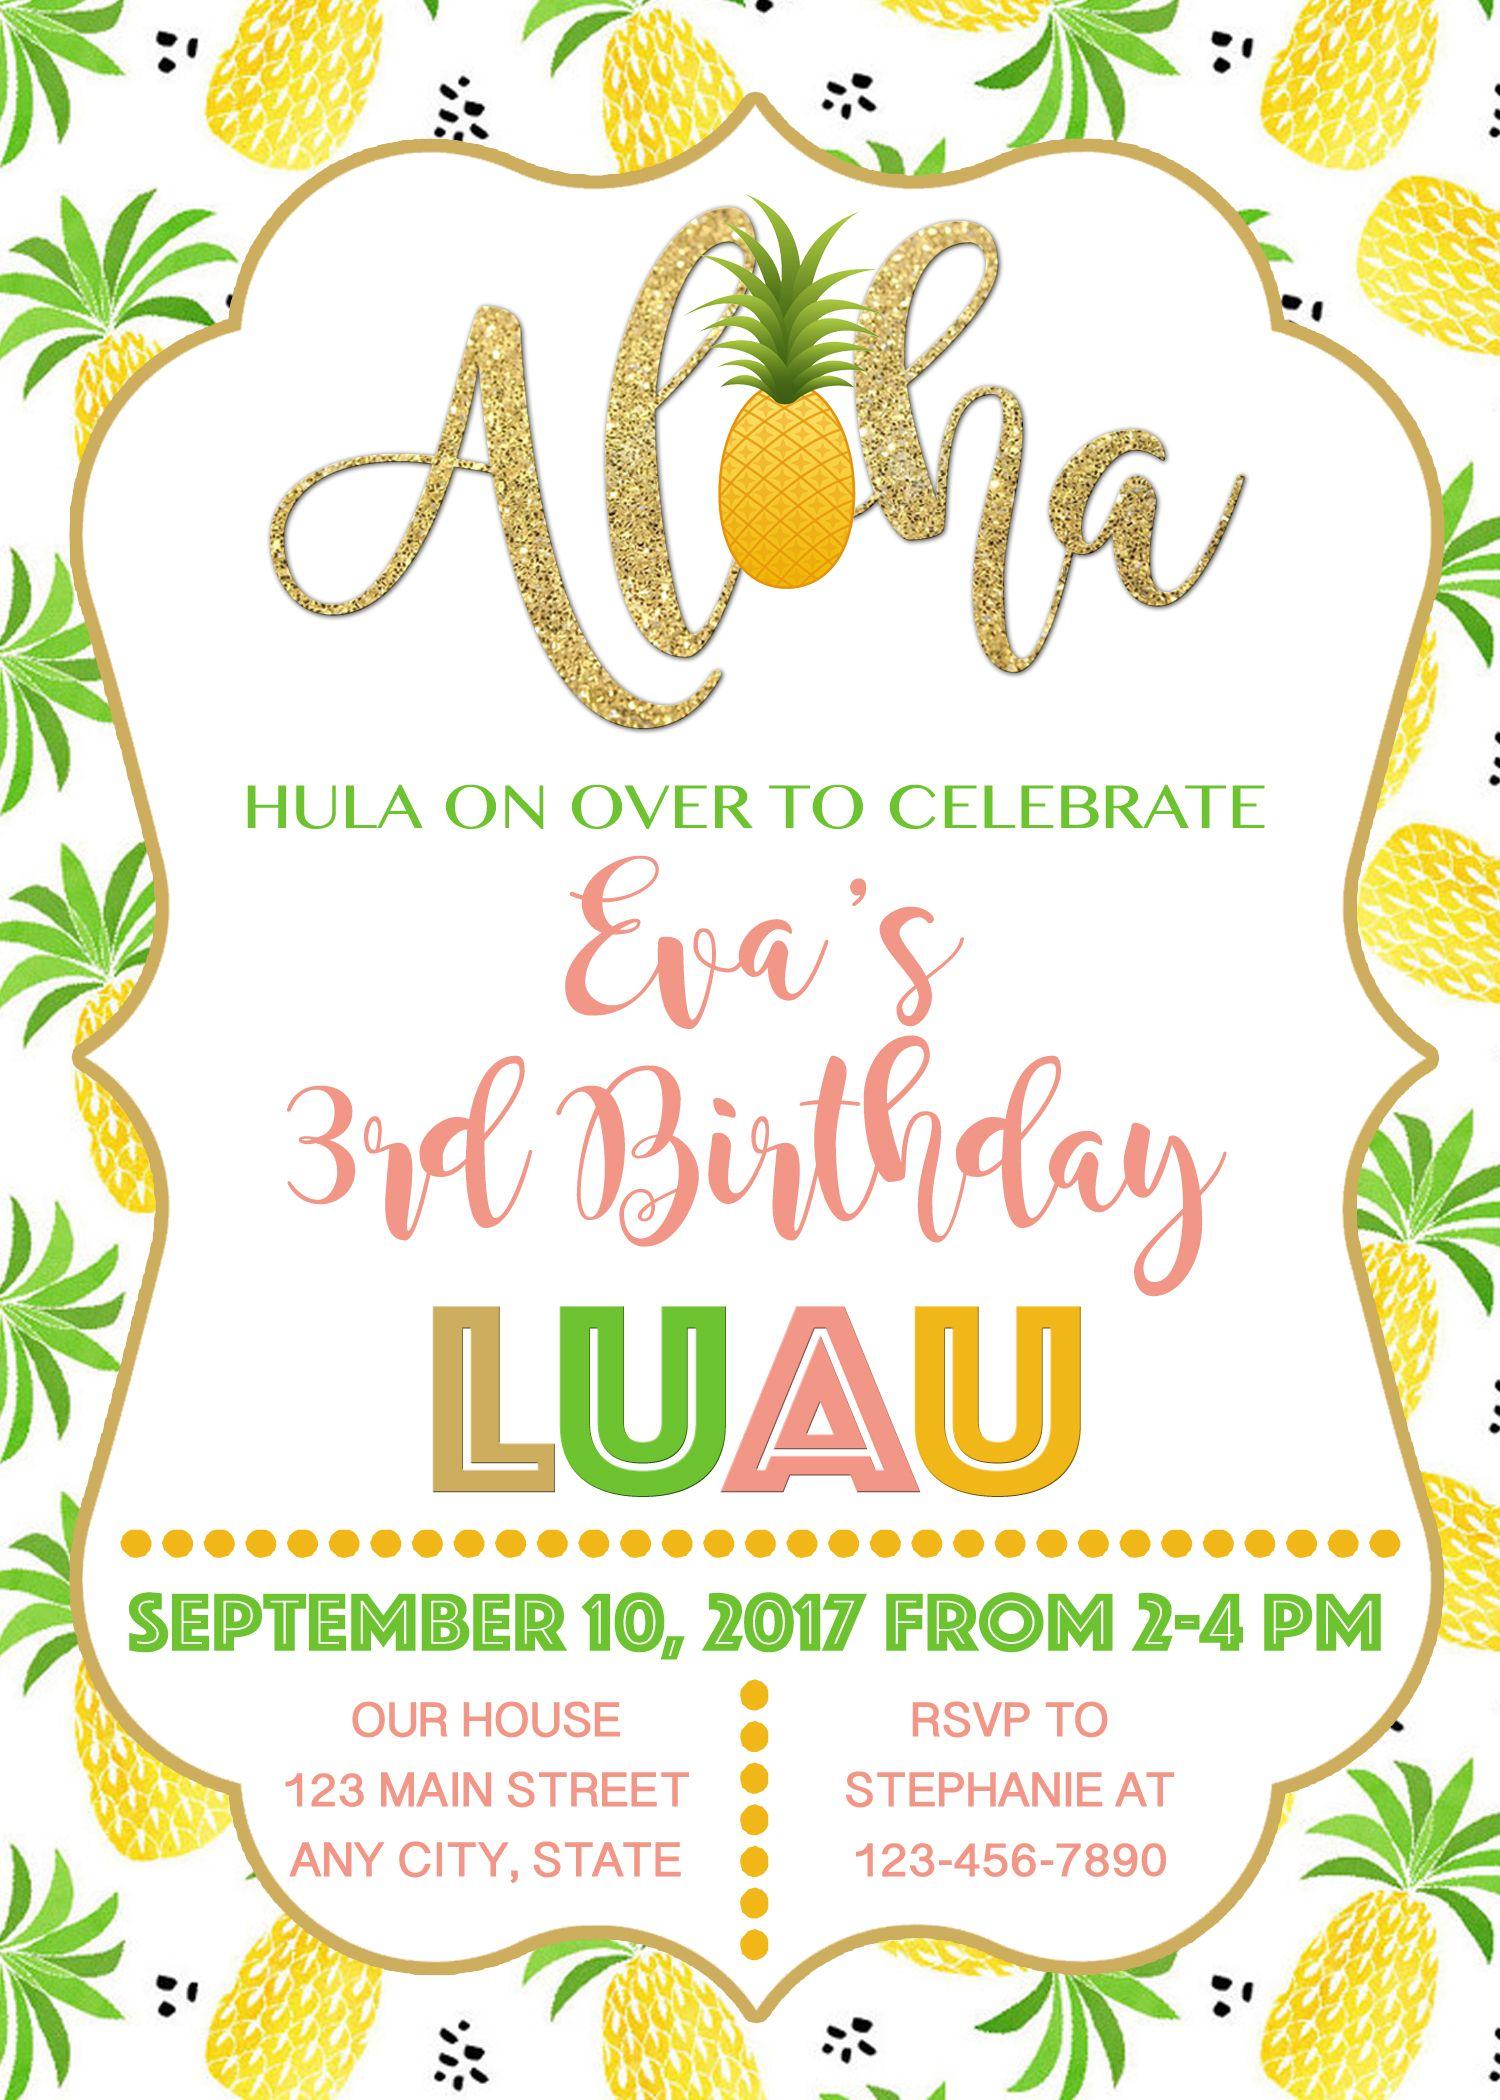 Aloha invitation pineapple invitation luau invitation hawaiian aloha invitation pineapple invitation luau invitation hawaiian birthday invitation luau birthday invitation stopboris Gallery